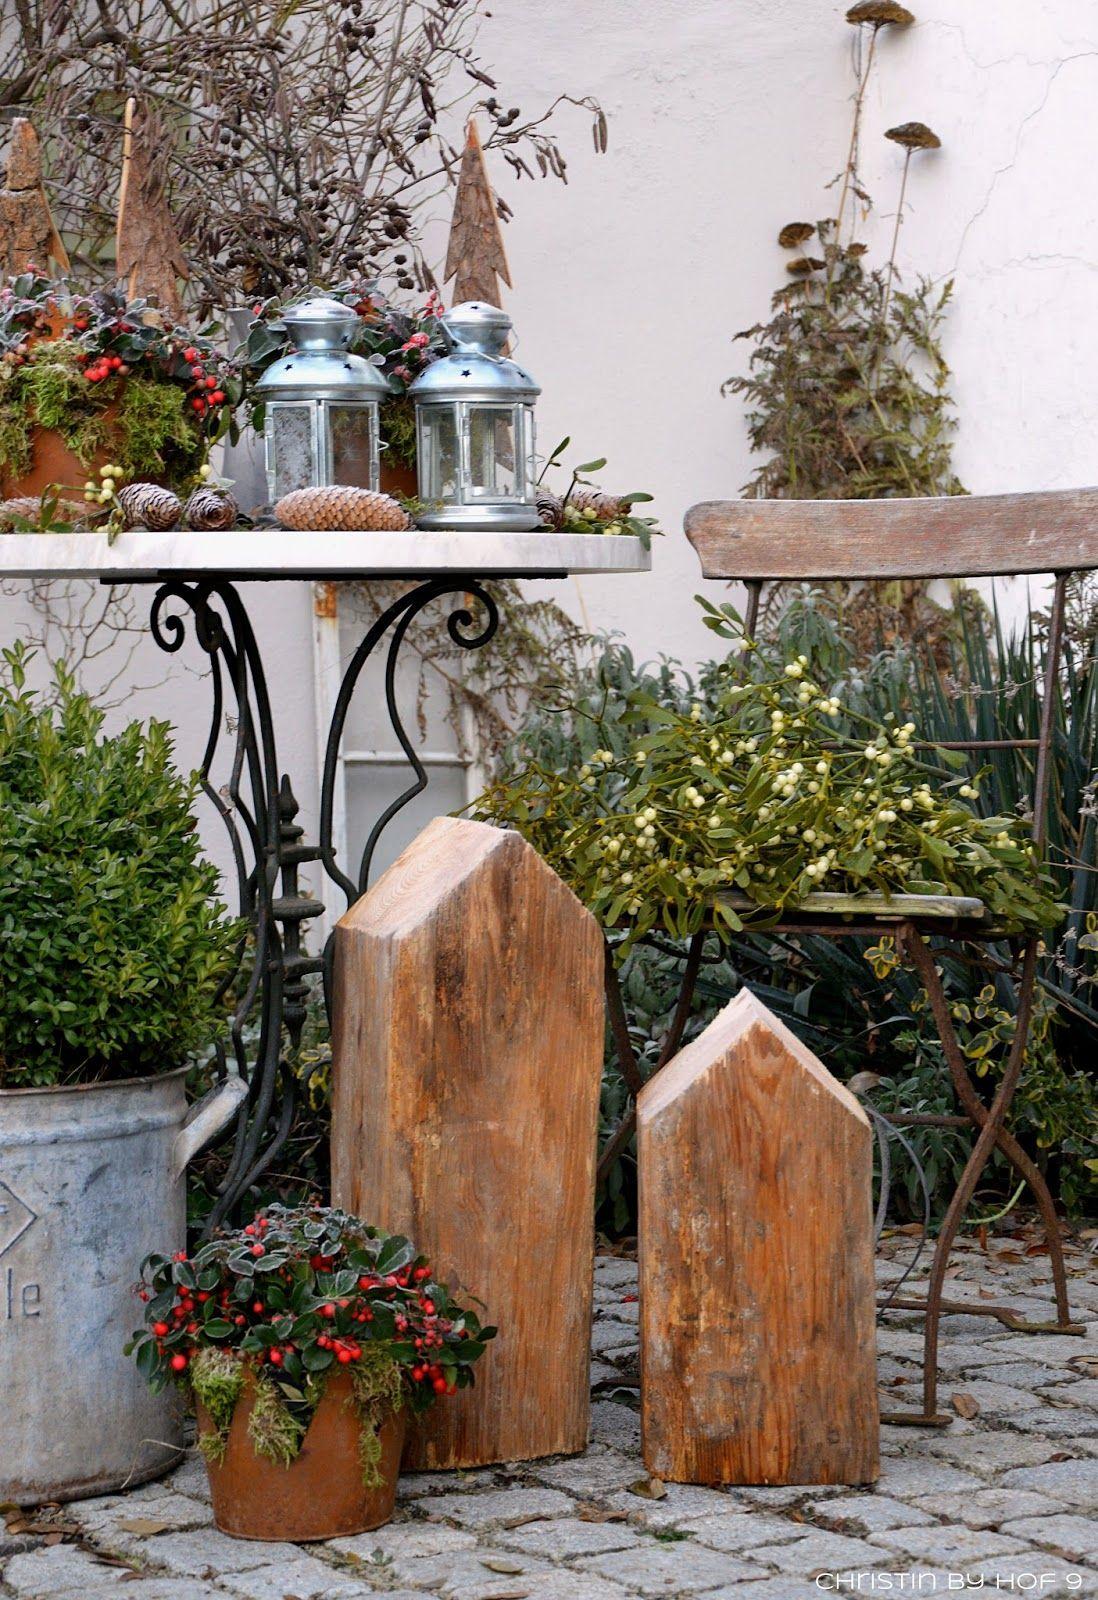 Außendekoration Weihnachten.Innenhofdekoration Im Winter Außendekoration Mit Naturmaterialen